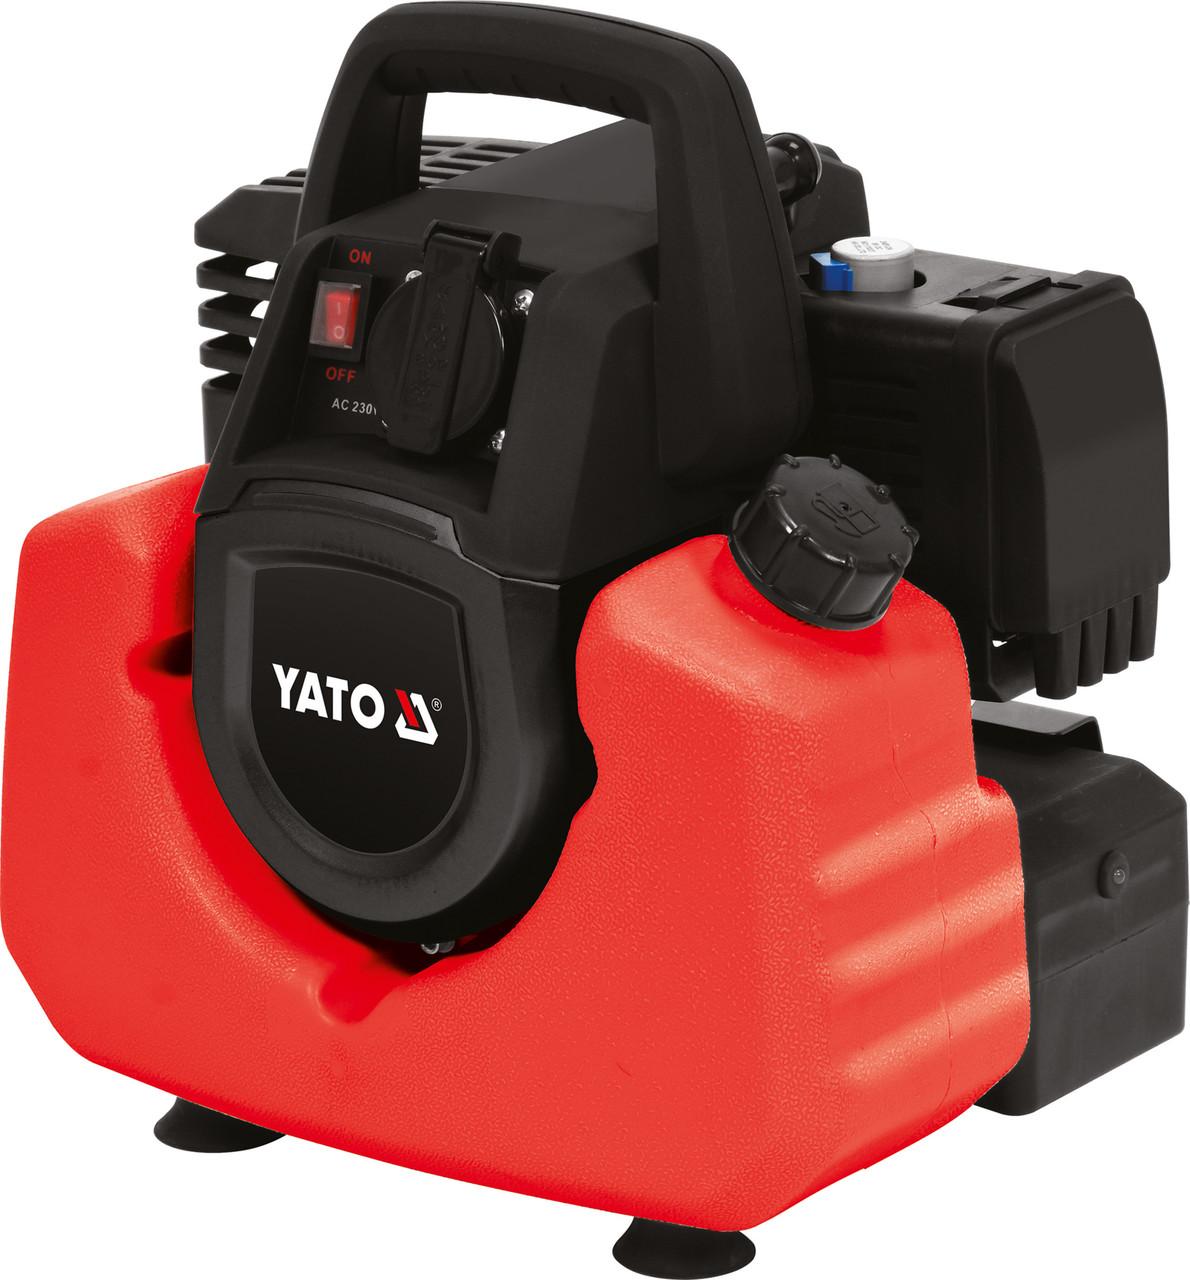 Генератор ел.струму інверторний бензиновий YATO: W=800/880 Вт, U=230 В, витрата - 0.75 л/р, бак - 3.5 л